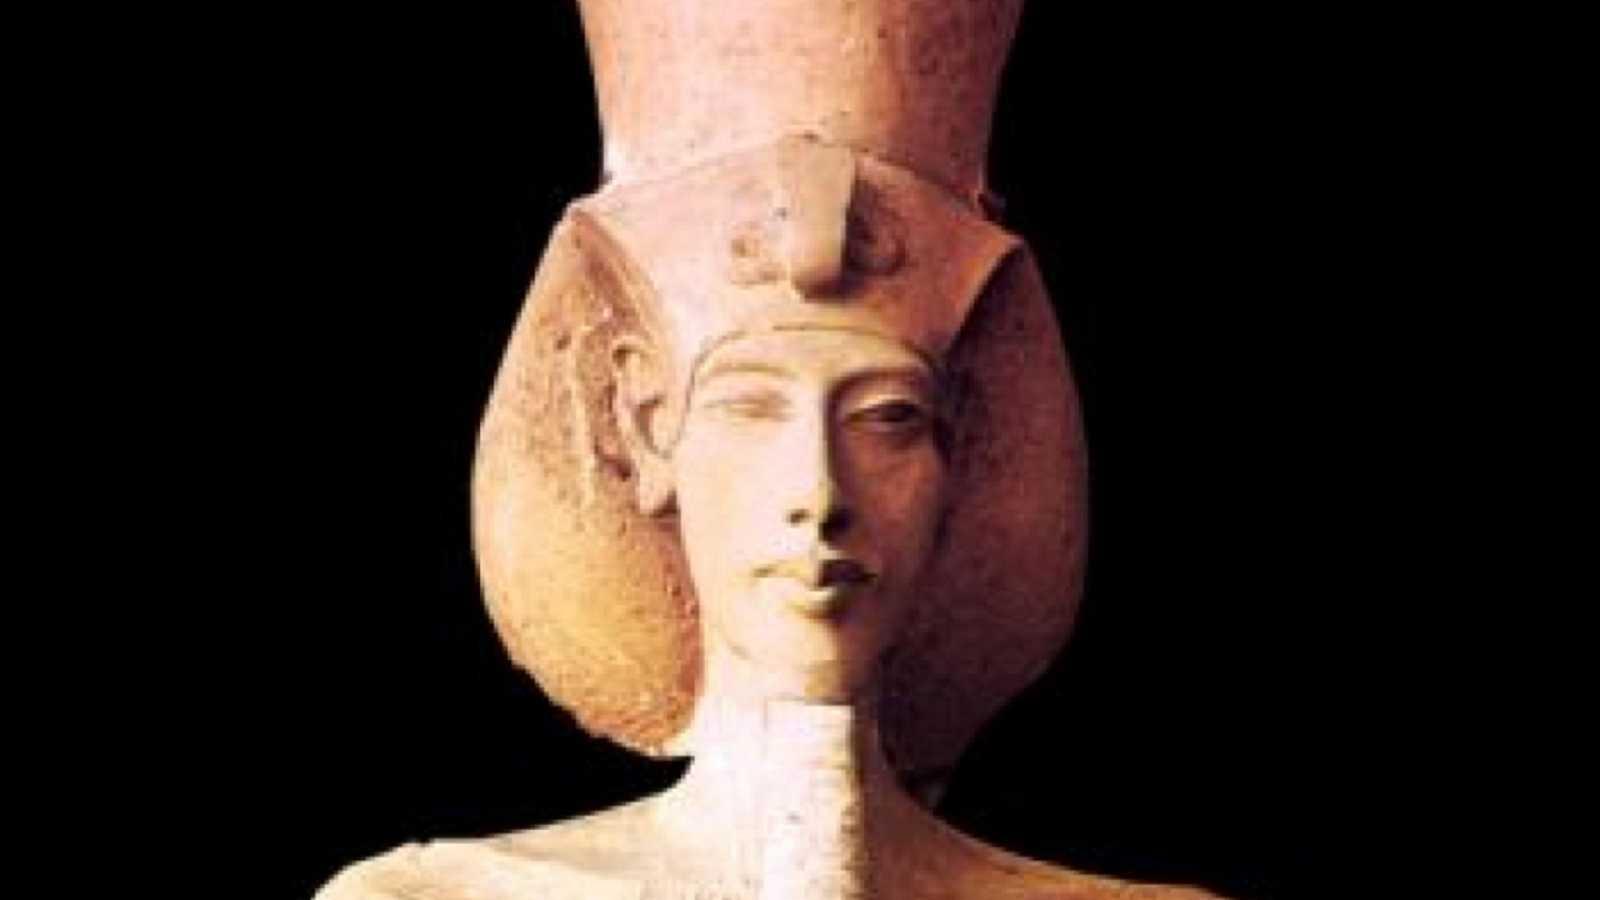 El pasado ya no es lo que era - El faraón drag queen - 08/03/20 - Escuchar ahora